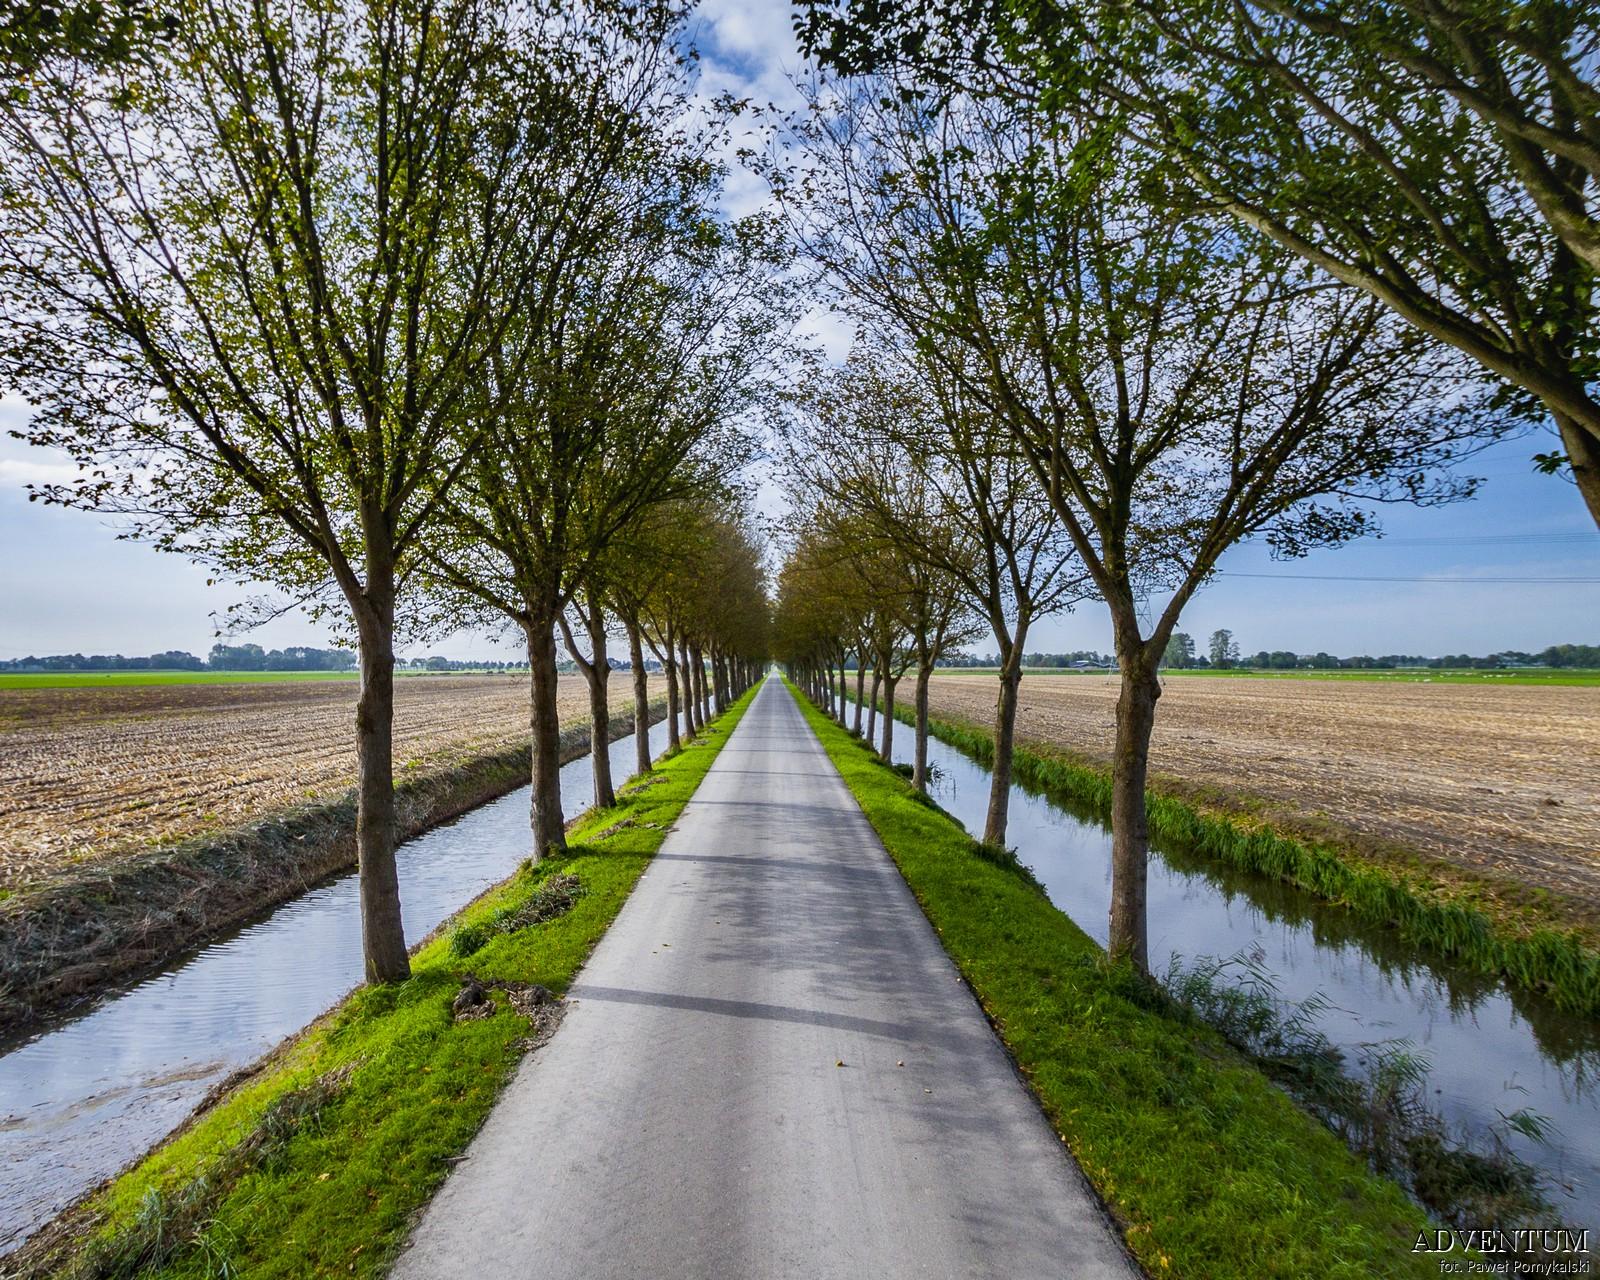 Holandia Polder Beemster Atrakcje Zwiedzanie co Zobaczyć Amsterdam Rotterdam Haga Kanały Wiatraki